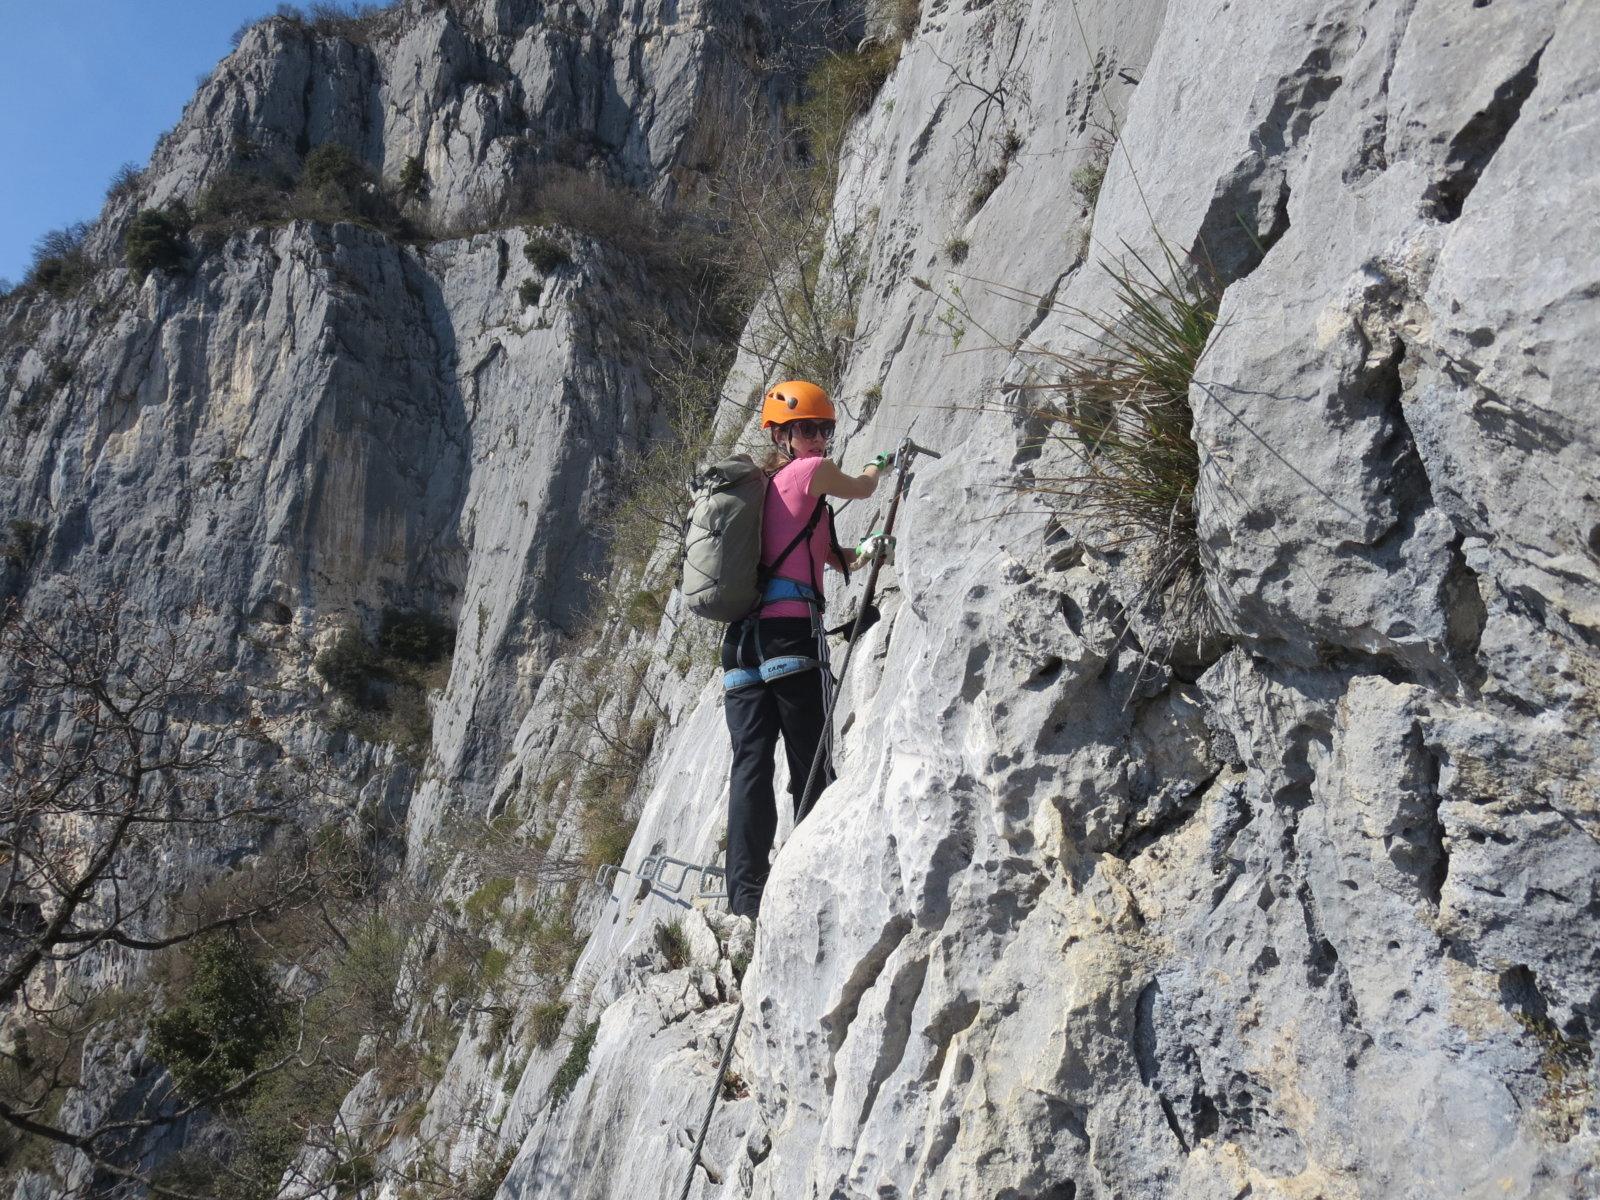 Klettersteige Gardasee : Tage geführte klettersteige am gardasee